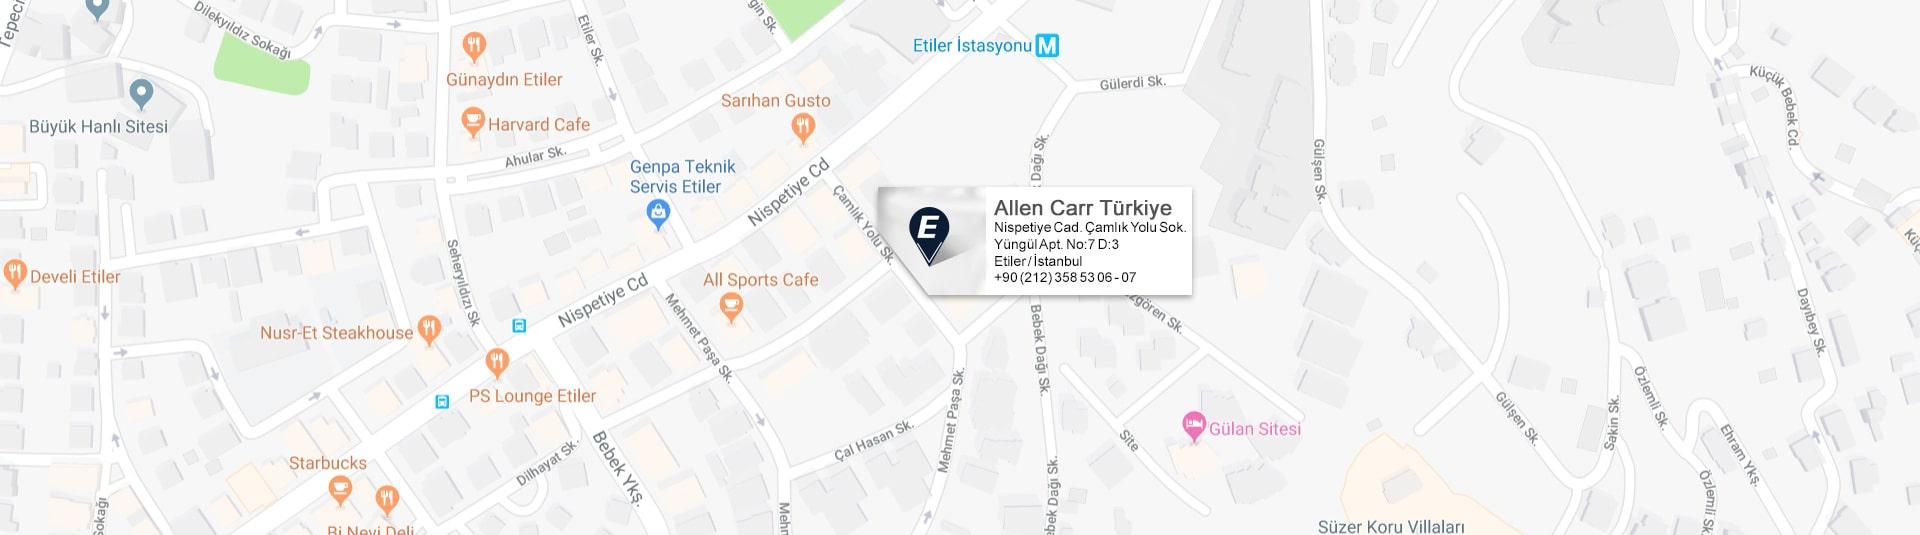 Allen Carr Türkiye Google Map